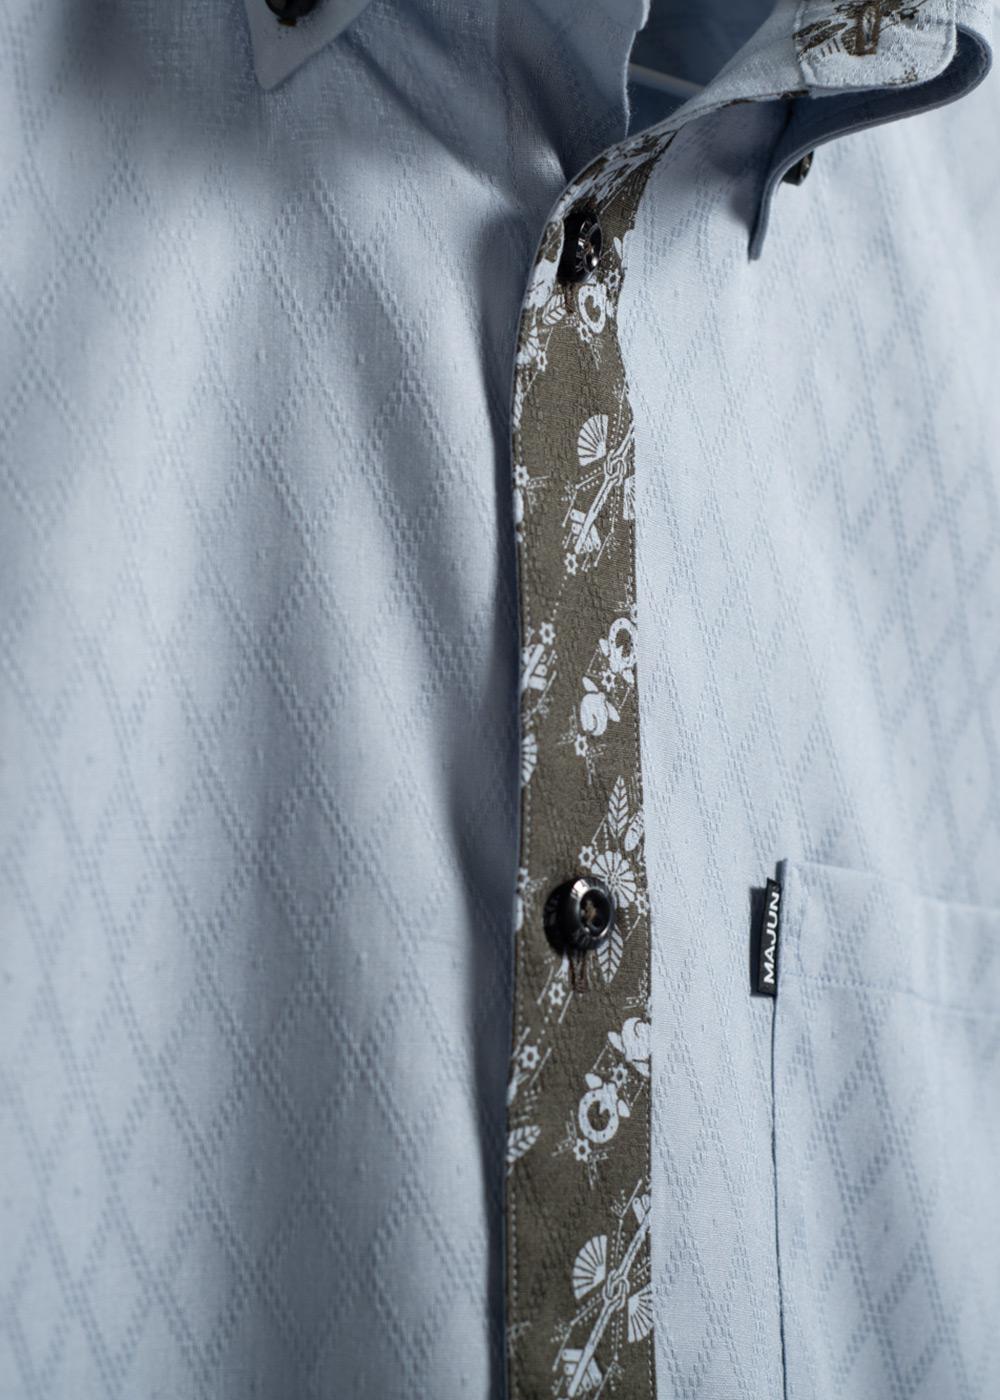 かりゆしウェア(沖縄版アロハシャツ) MAJUN - ミングルカンゼークL/S